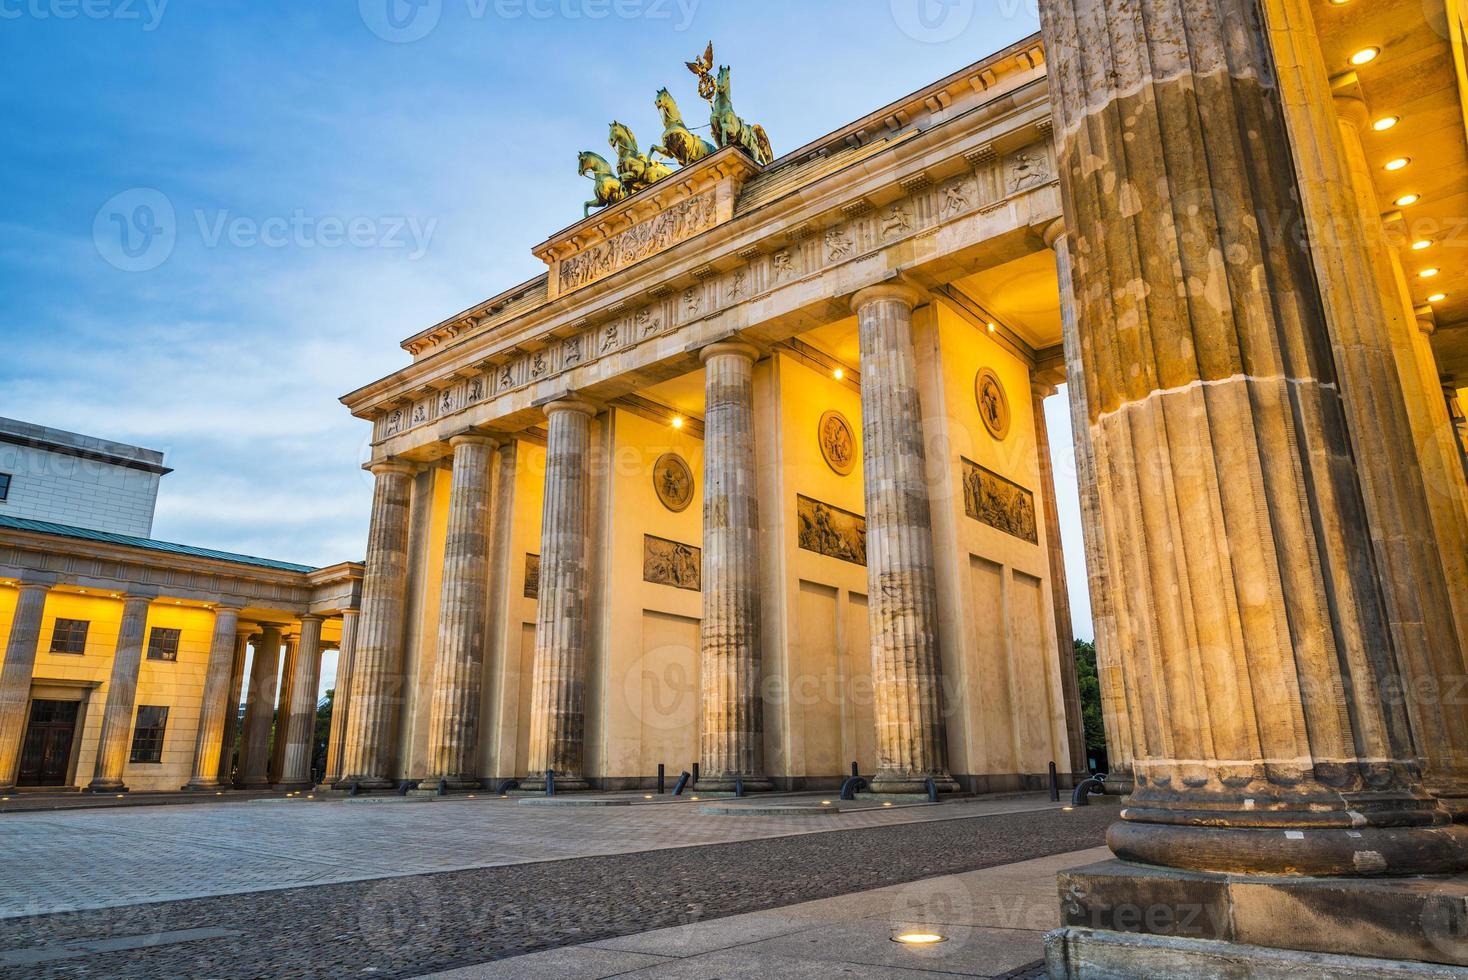 Berlino alla porta di Brandeburgo foto